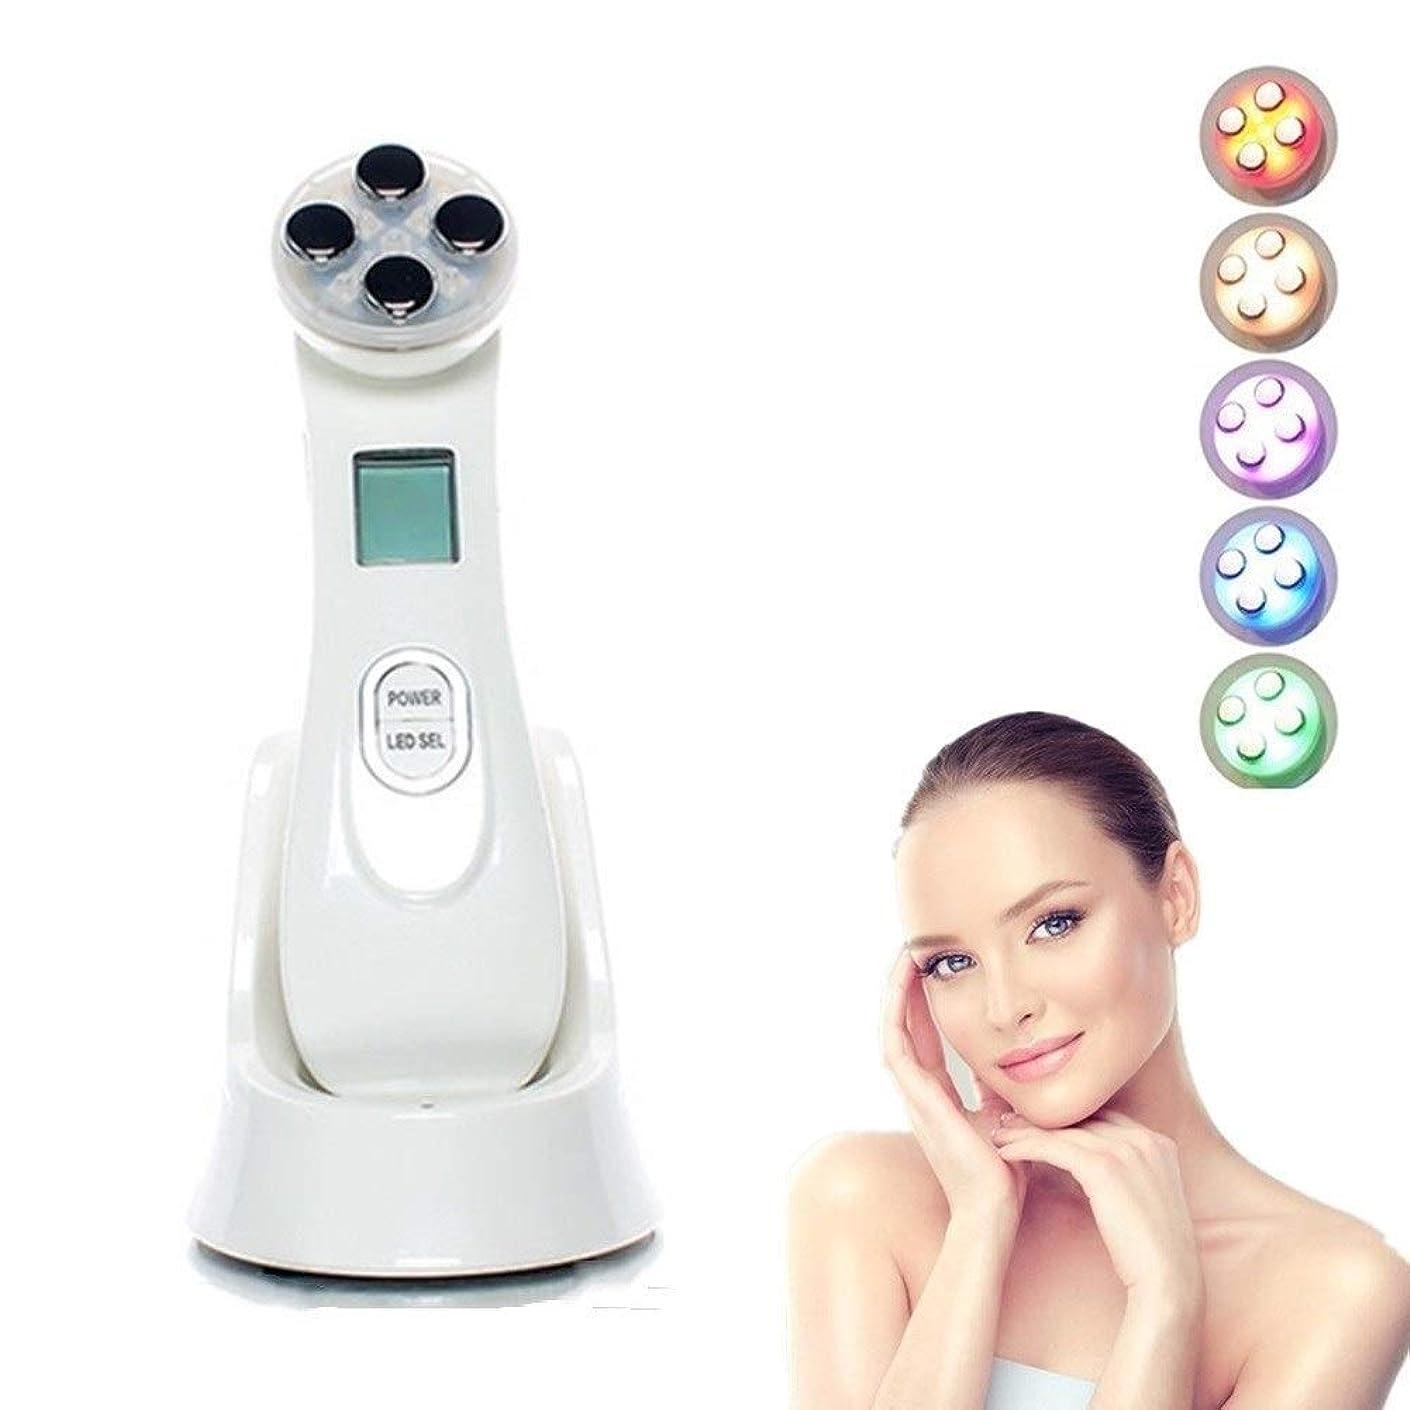 植生見習いファンUltrásǒnic美容機器、フェイシャルマシン&5 in 1赤色LED光線療法6モードフェイシャルマッサージスキンケアフェイシャルクレンザーアンチエイジング